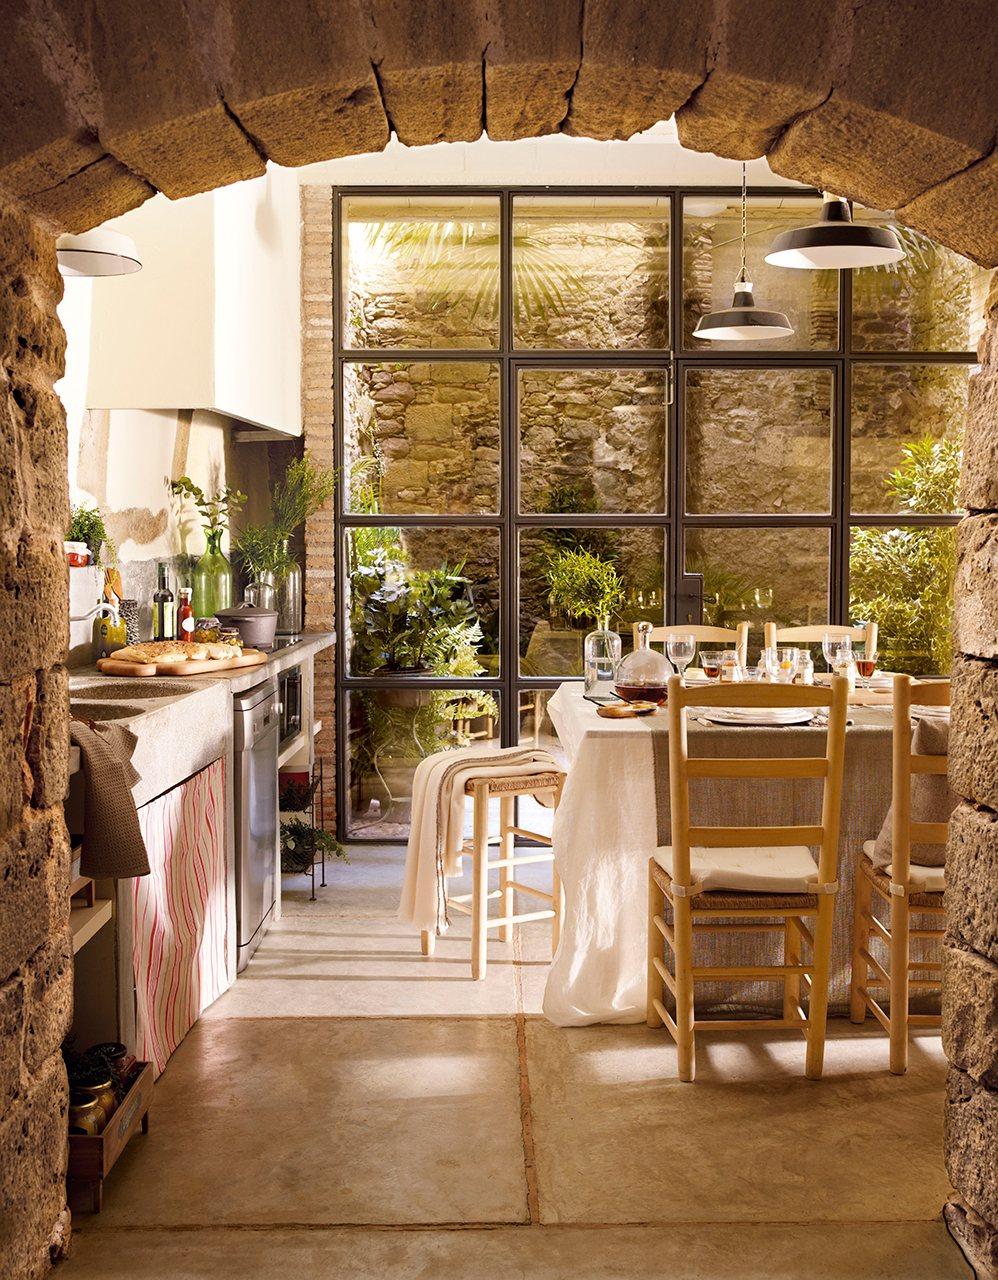 De la huerta a la mesa cocinar con conservas for Cocina rustica que adorna la idea